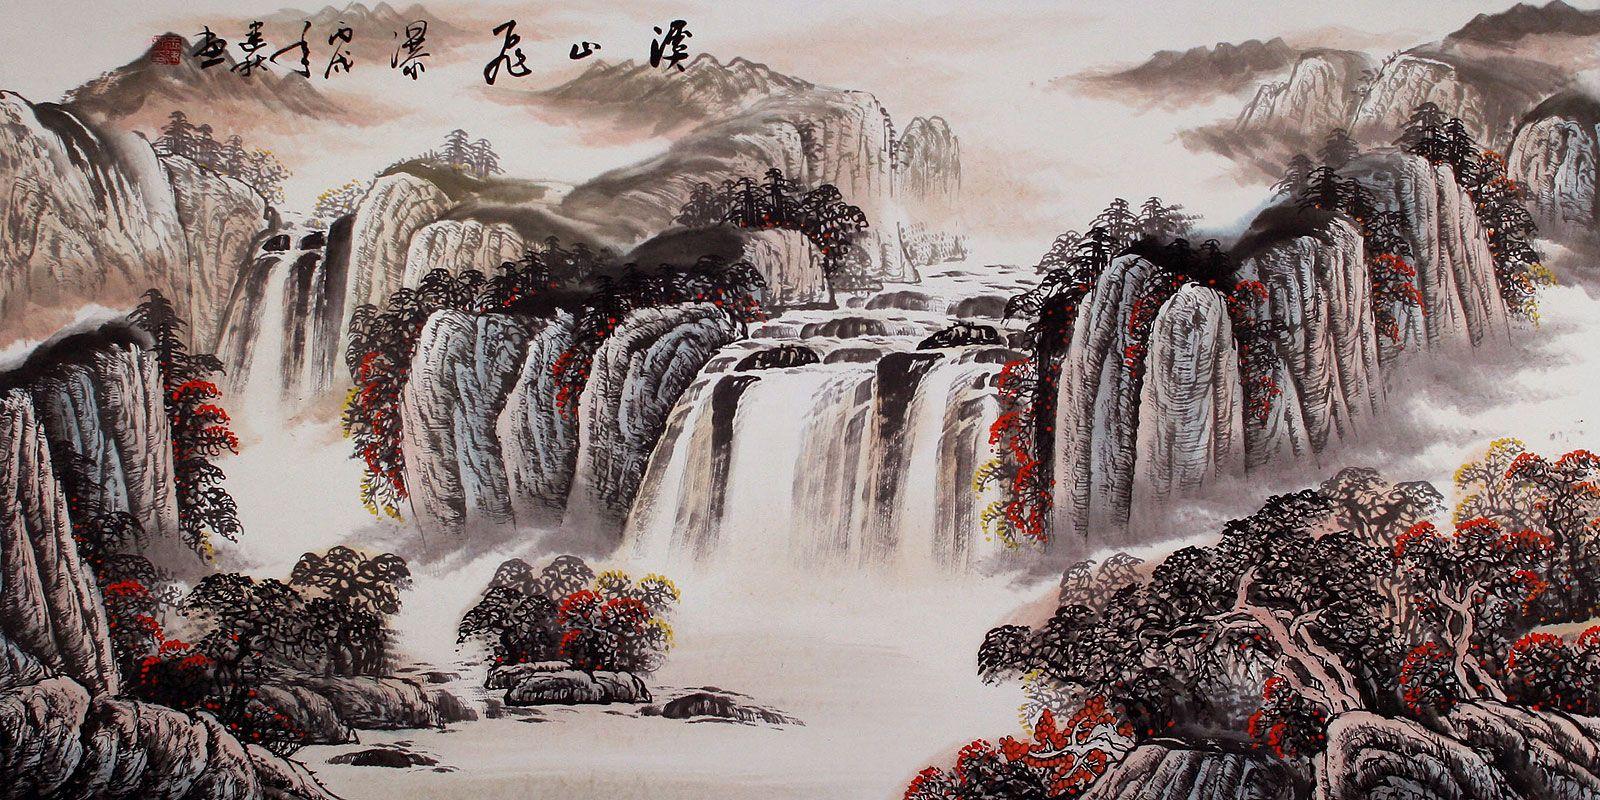 Asian Landscape Art